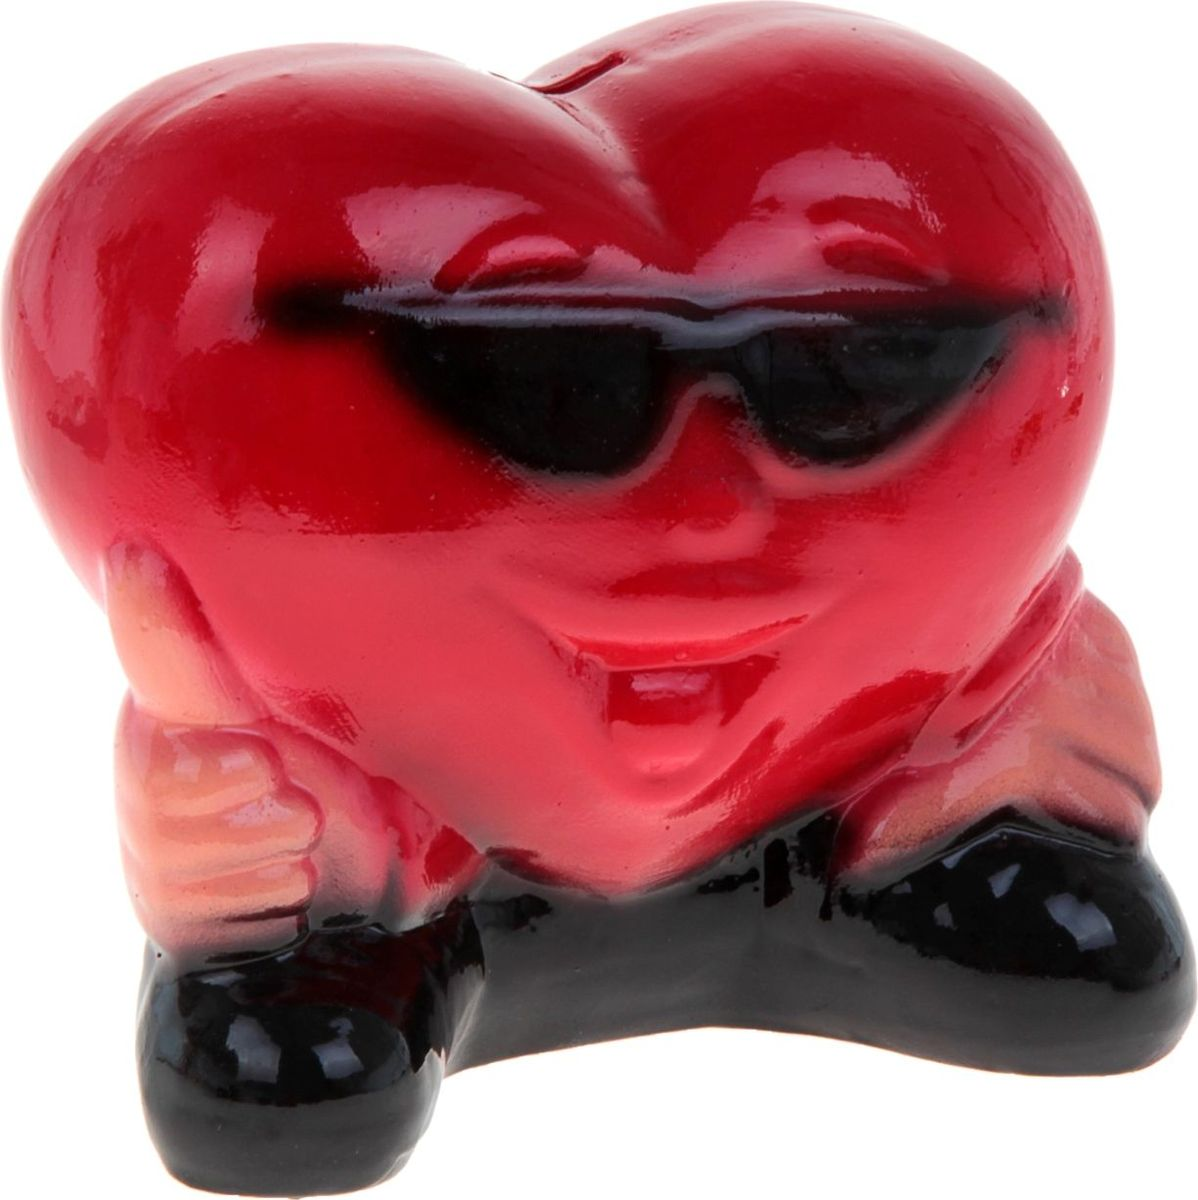 Копилка Керамика ручной работы Сердце в очках, 20 х 17 х 10 см825289Ищете подарок для второй половинки? Копилка в форме сердца станет приятным сюрпризом и отличным сувениром для любимого человека на 14 февраля или годовщину. Придумайте, что бы вы хотели купить вместе, и откладывайте сбережения.Обращаем ваше внимание, что копилка является одноразовой.